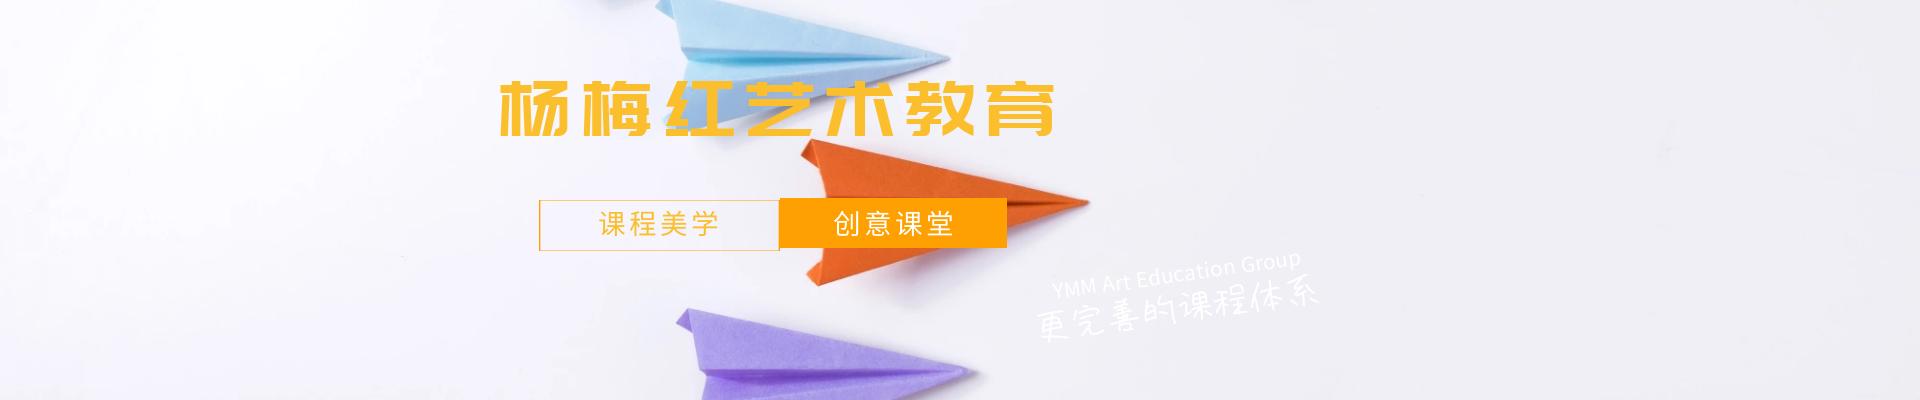 珠海扬名广场杨梅红国际私立美校